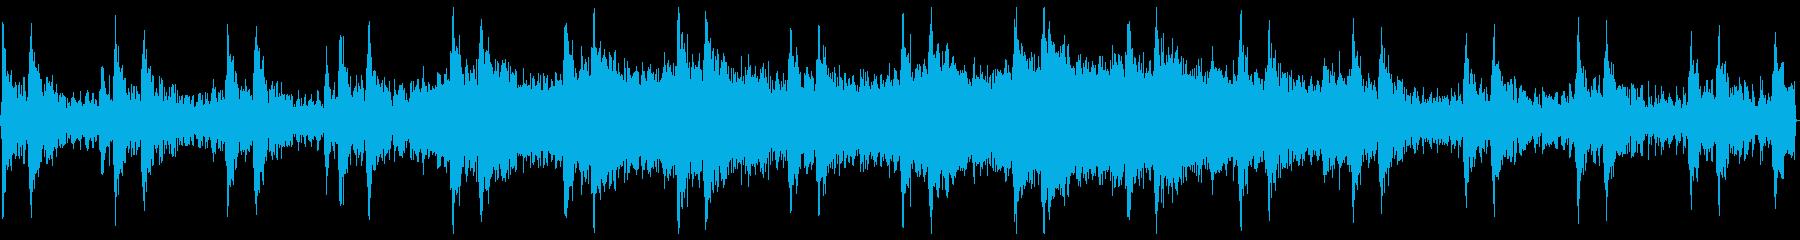 暗めのオーケストラ風BGM【ループ】の再生済みの波形